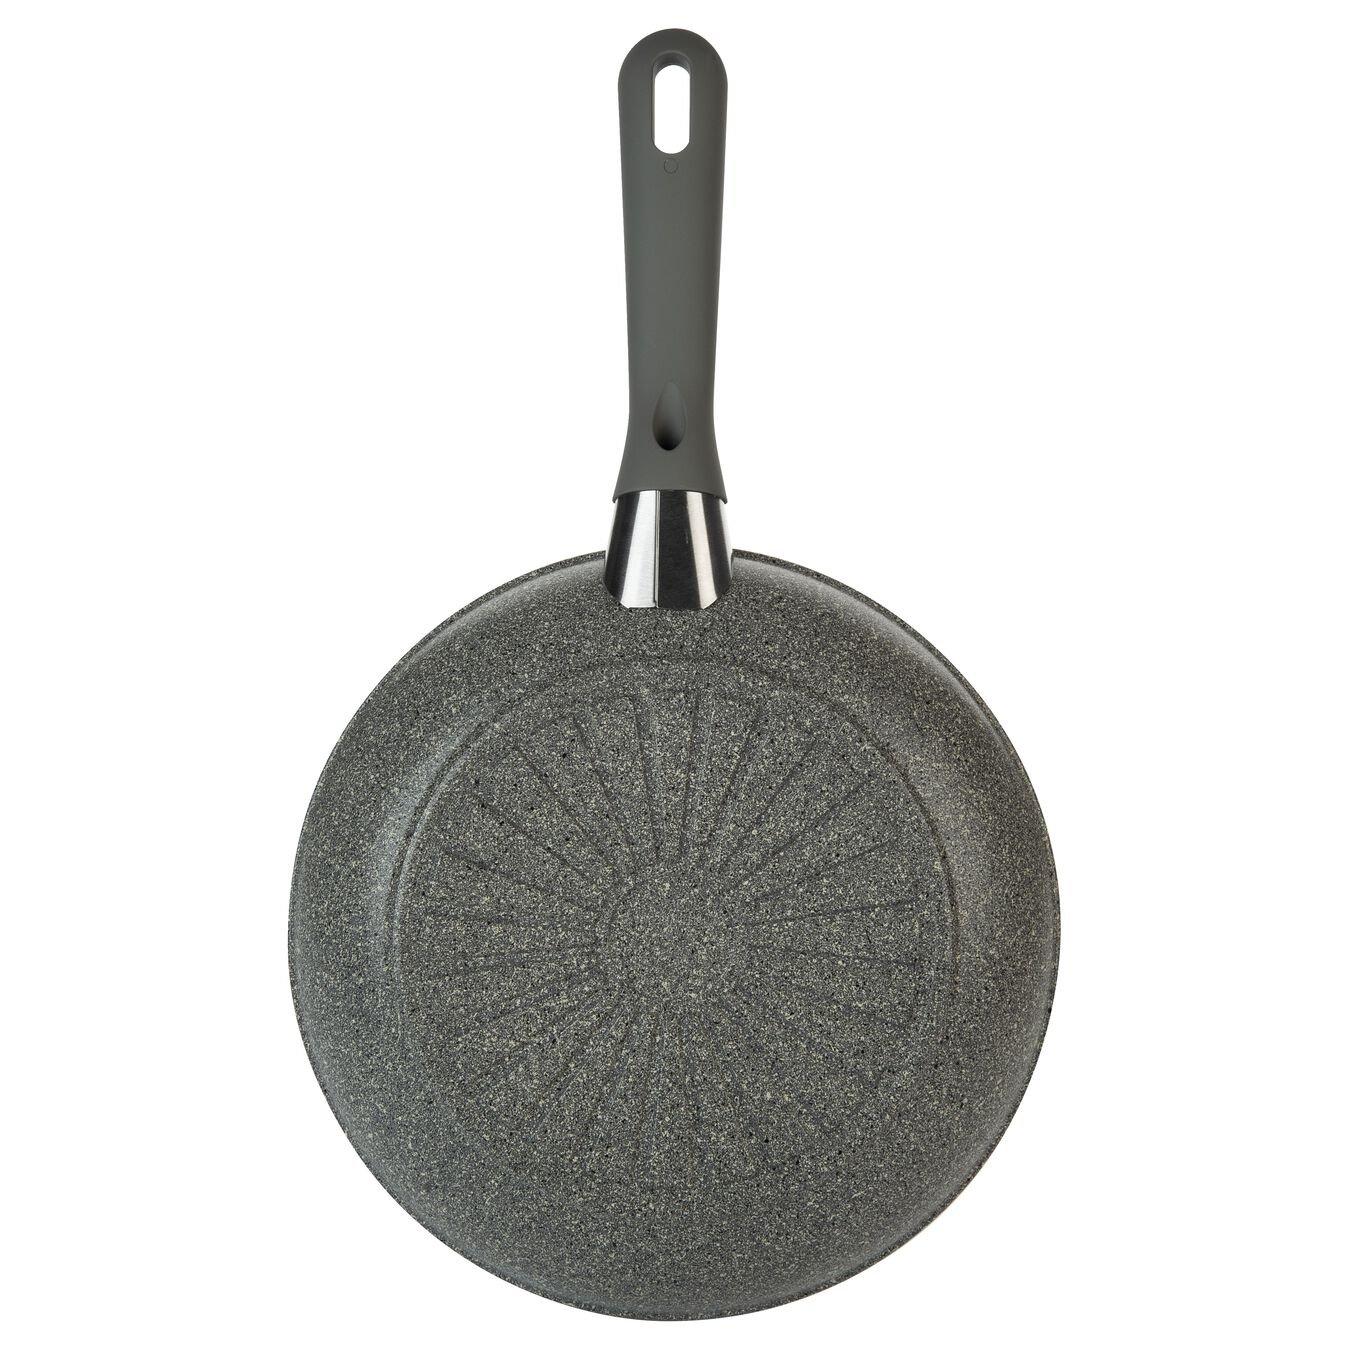 Bratpfanne 24 cm, Aluminium, Steinoptik grau,,large 4